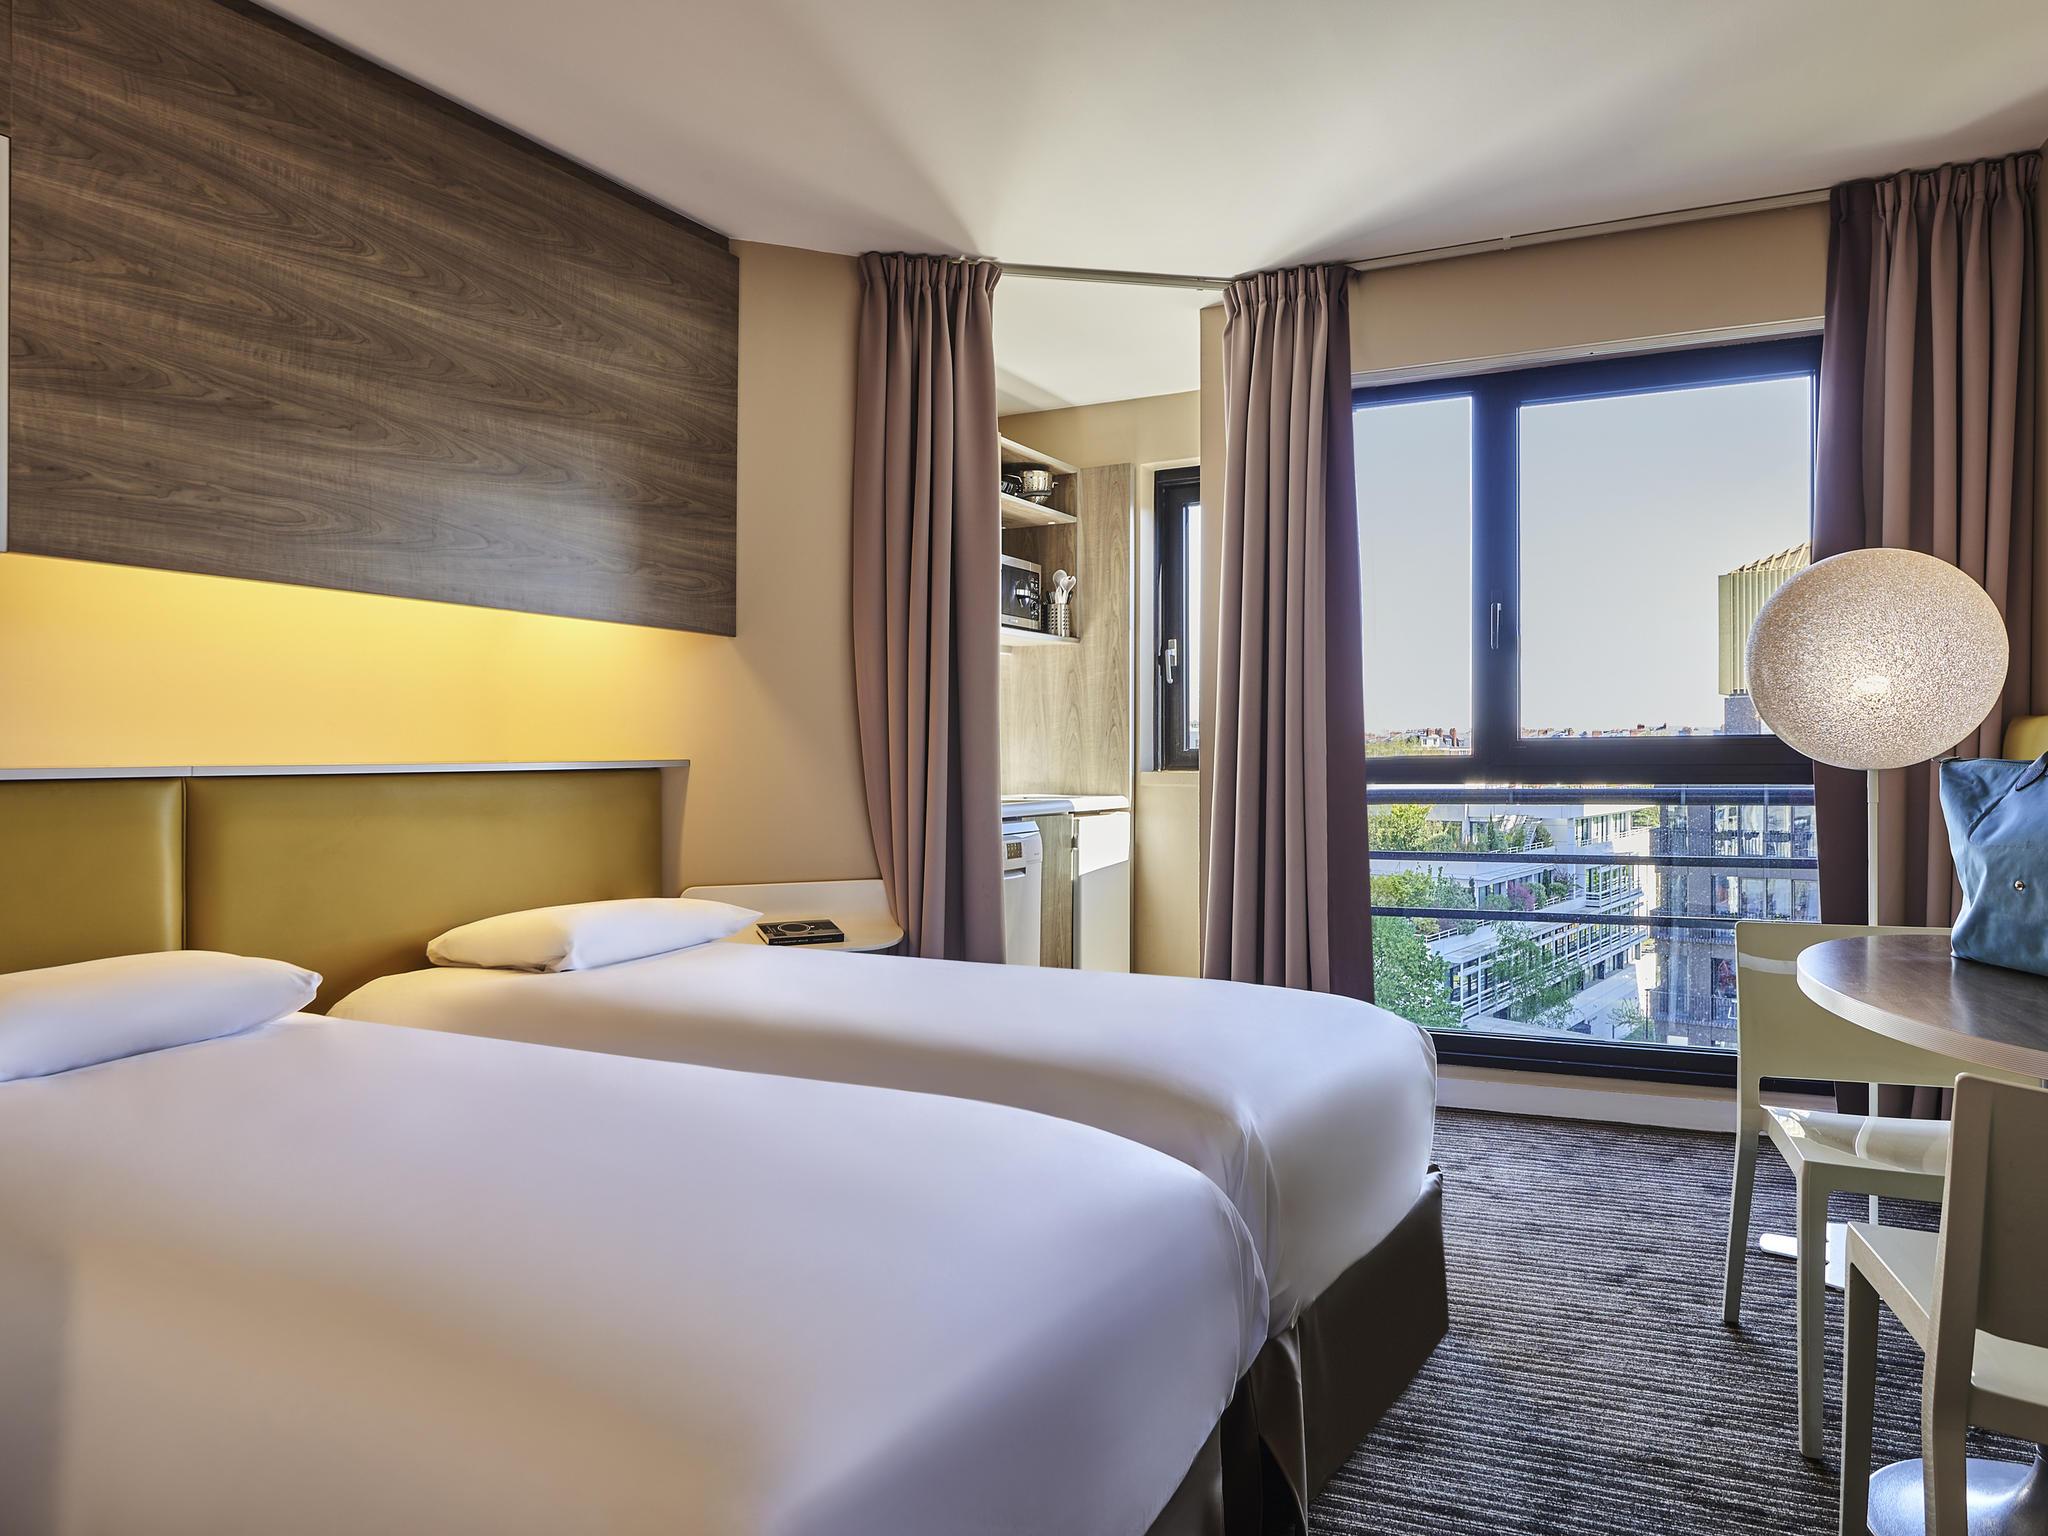 فندق - Apparthotel Mercure Paris Boulogne